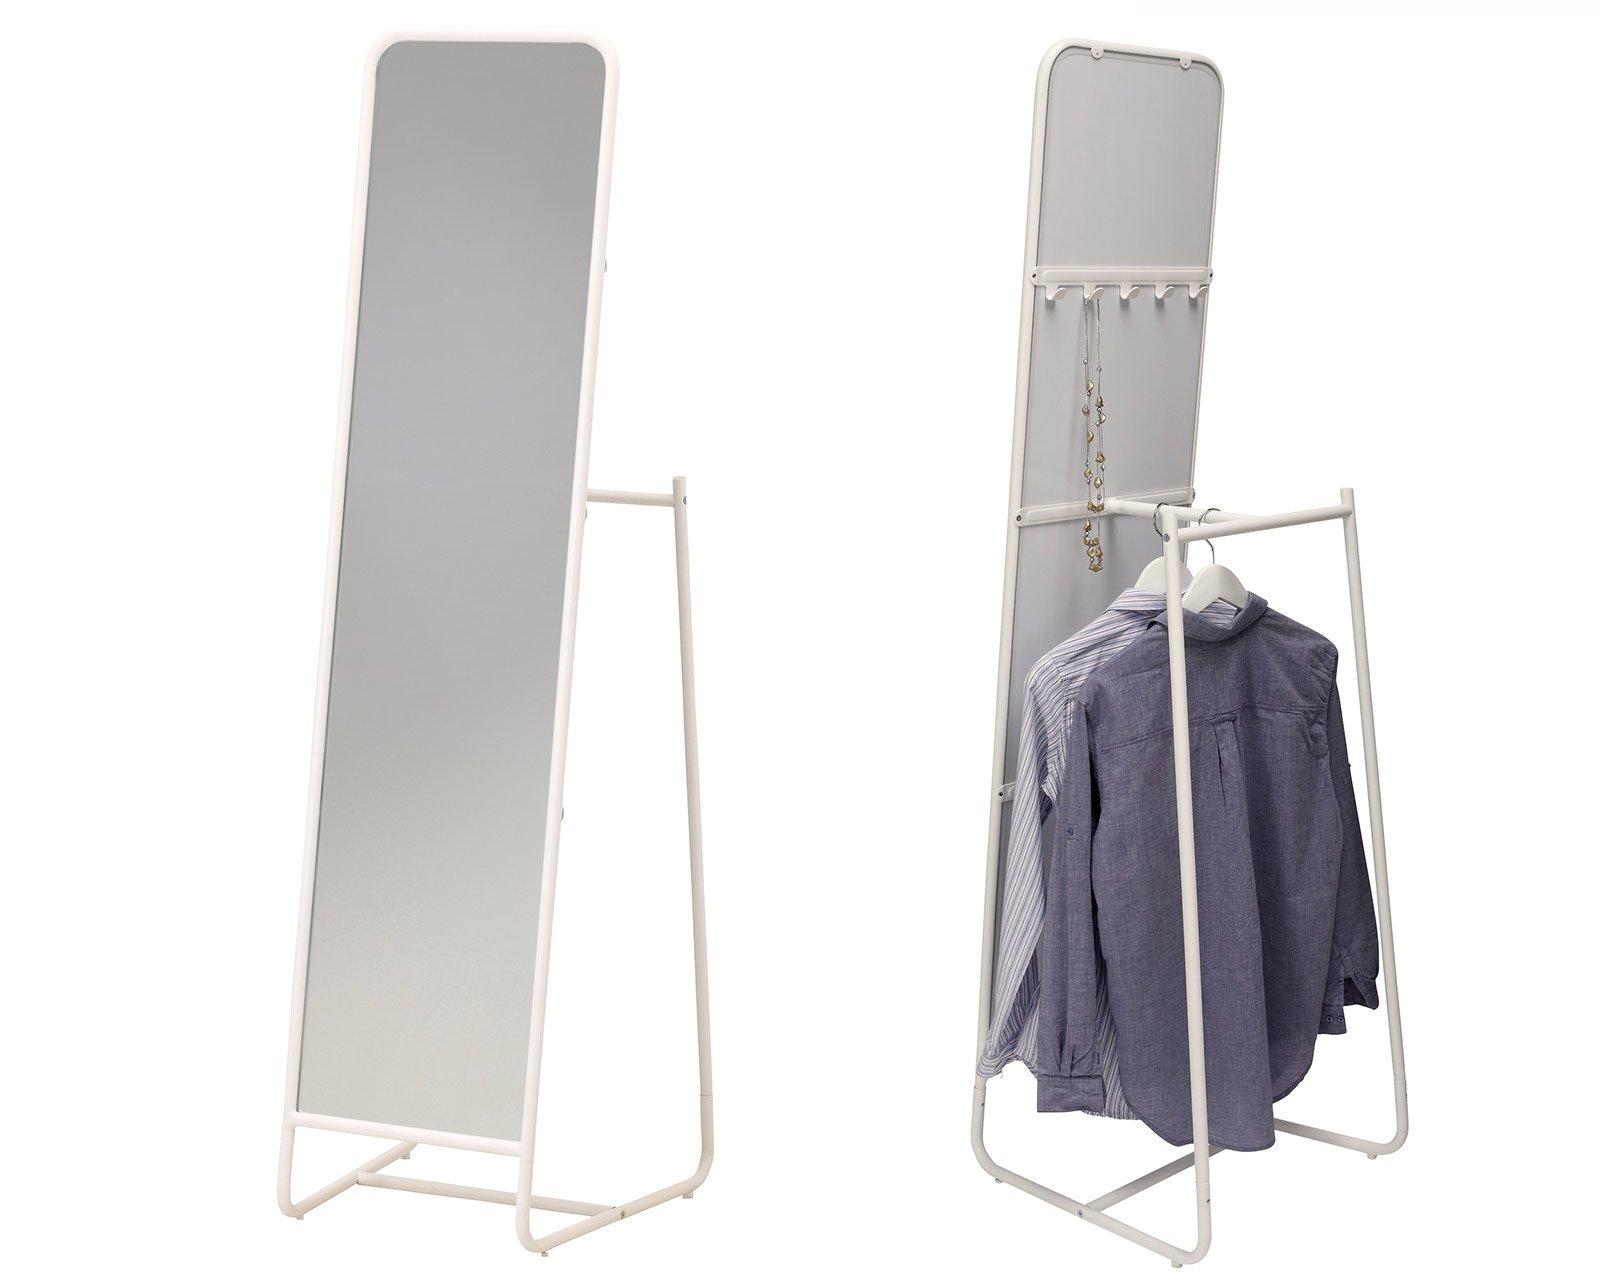 Specchi questione di riflessi cose di casa - Porta gioielli ikea ...